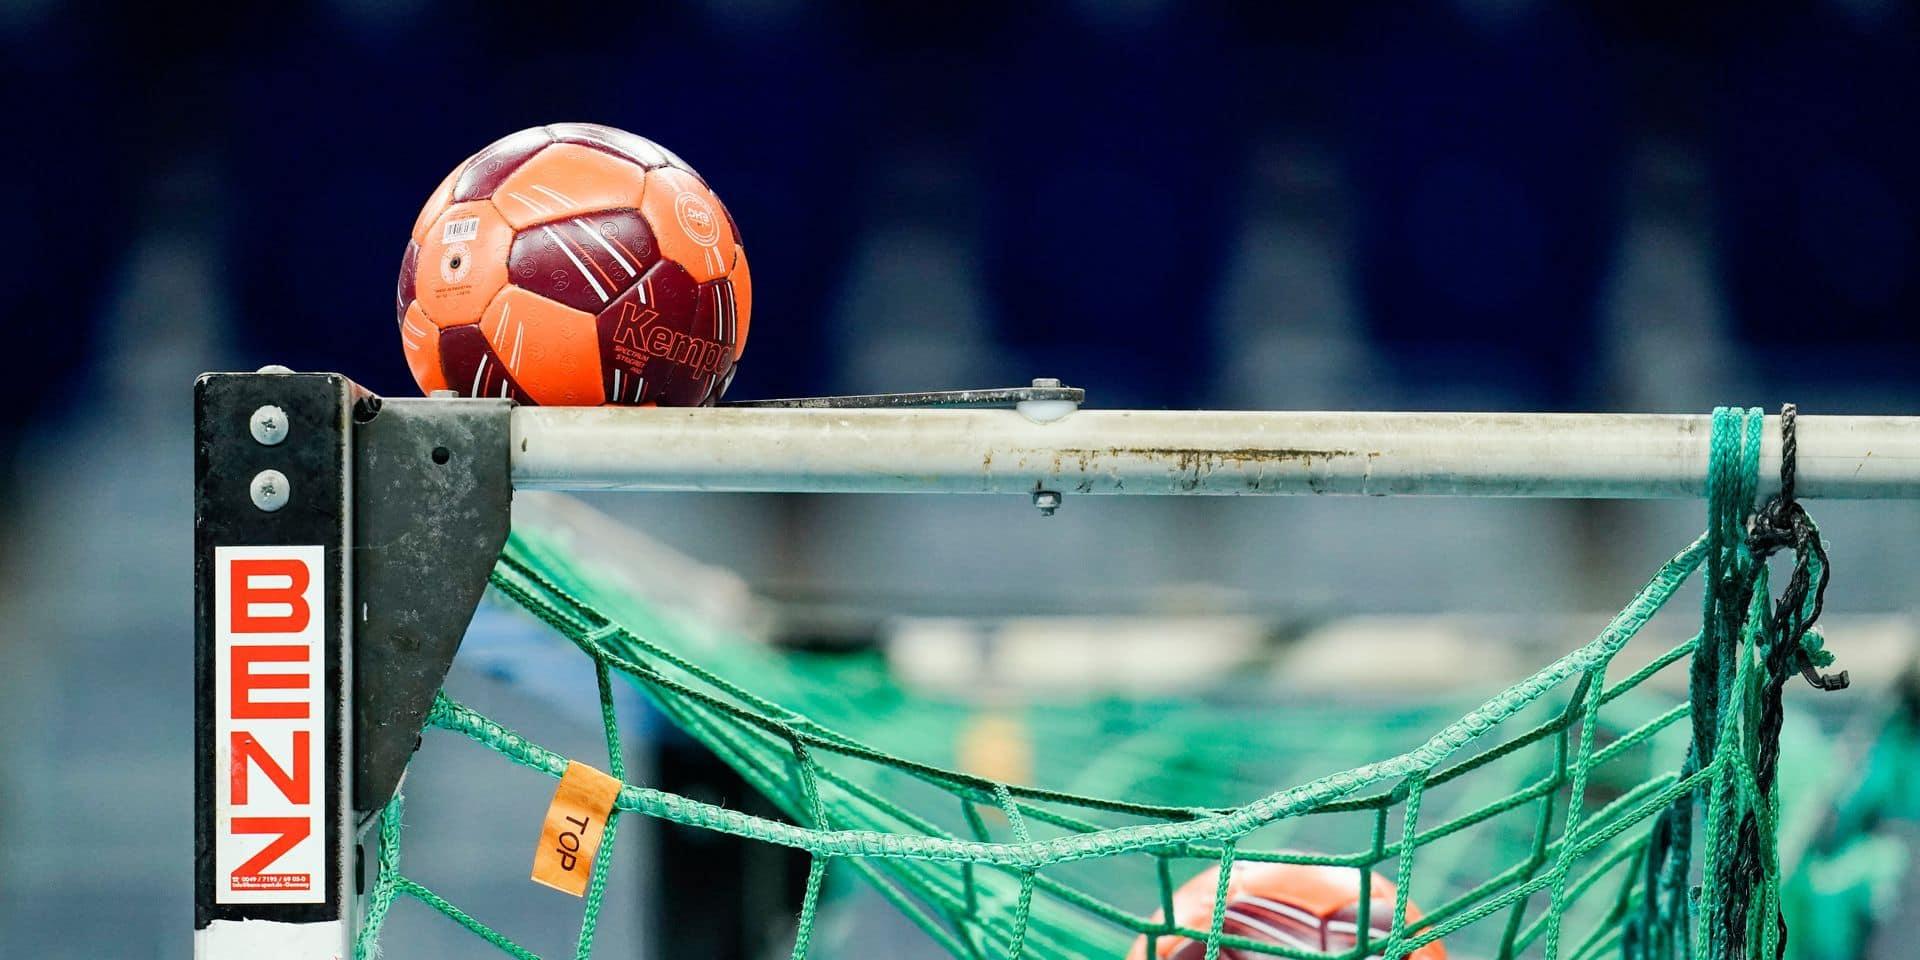 Des handballeurs espagnols obligés... de porter un masque buccal pendant un match !